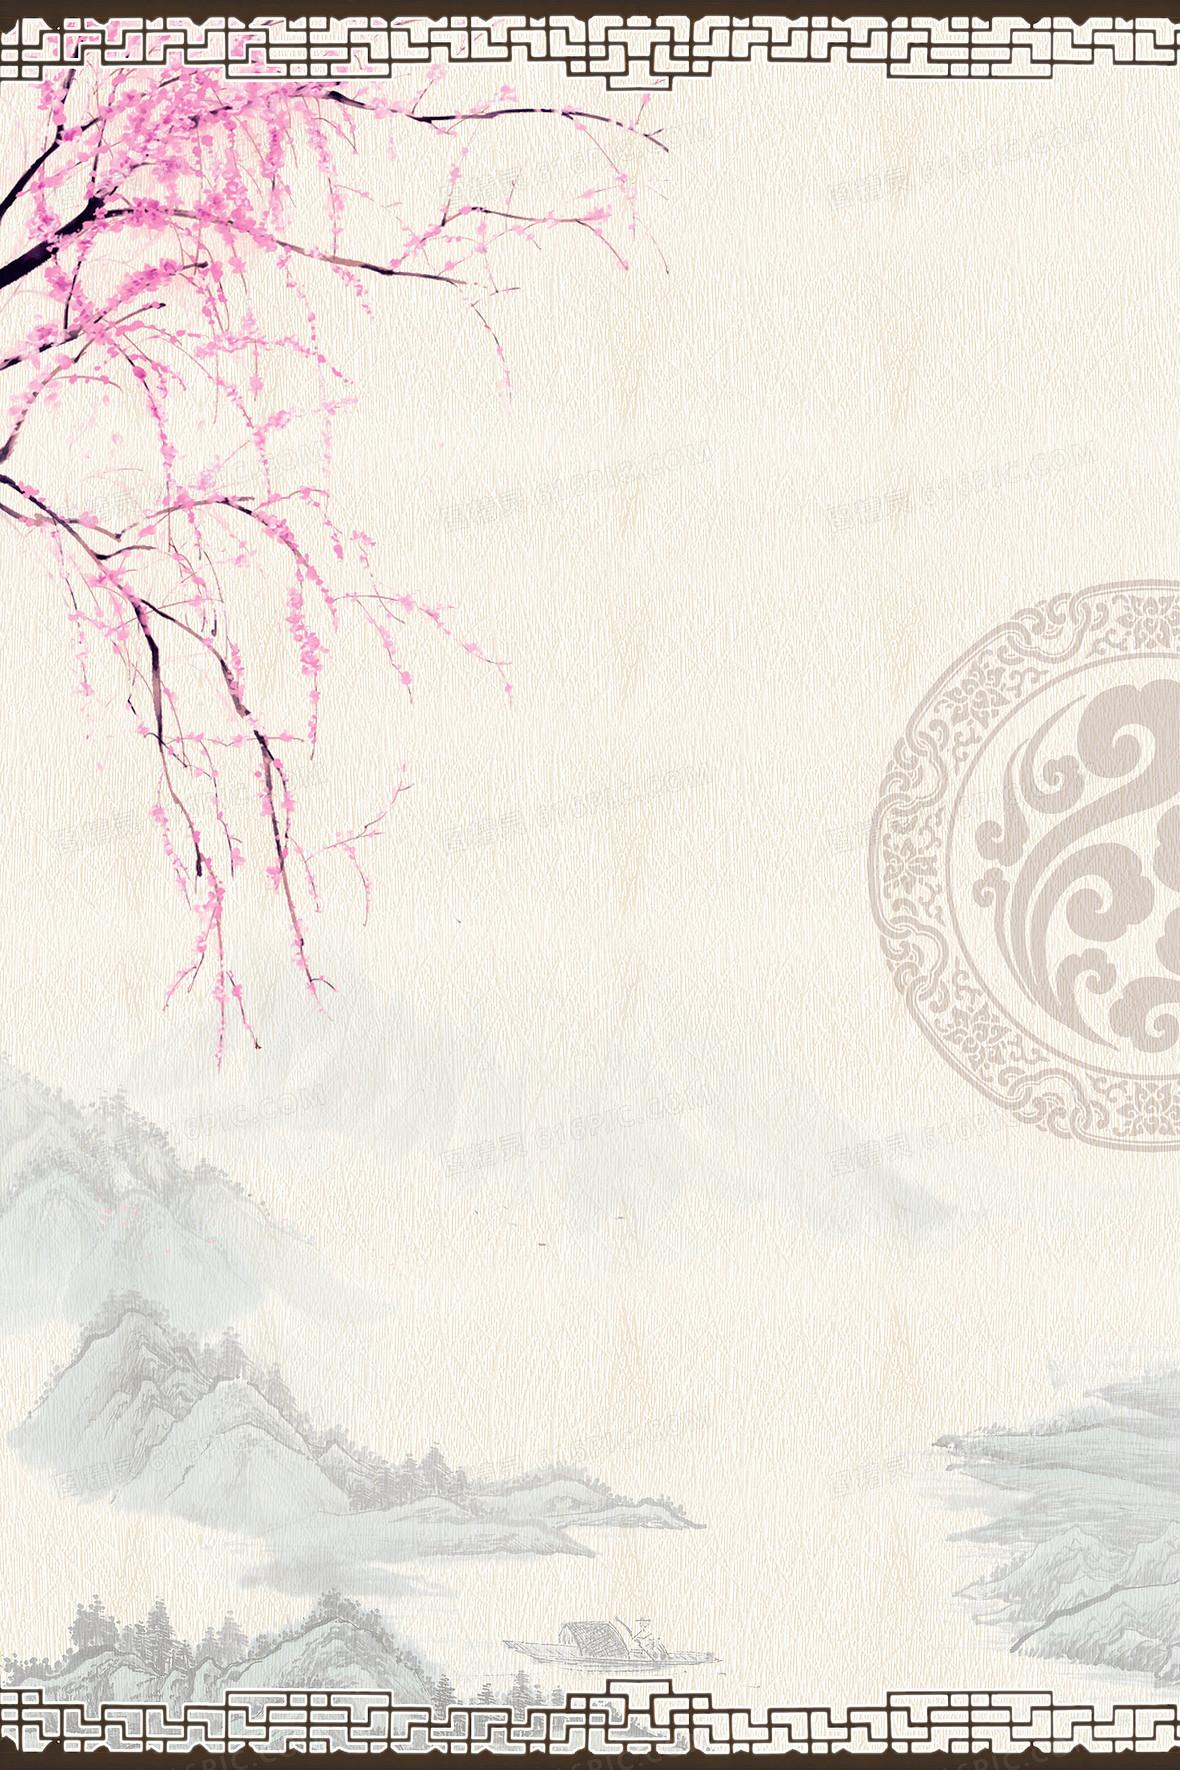 中国风水墨山峰桃花背景素材